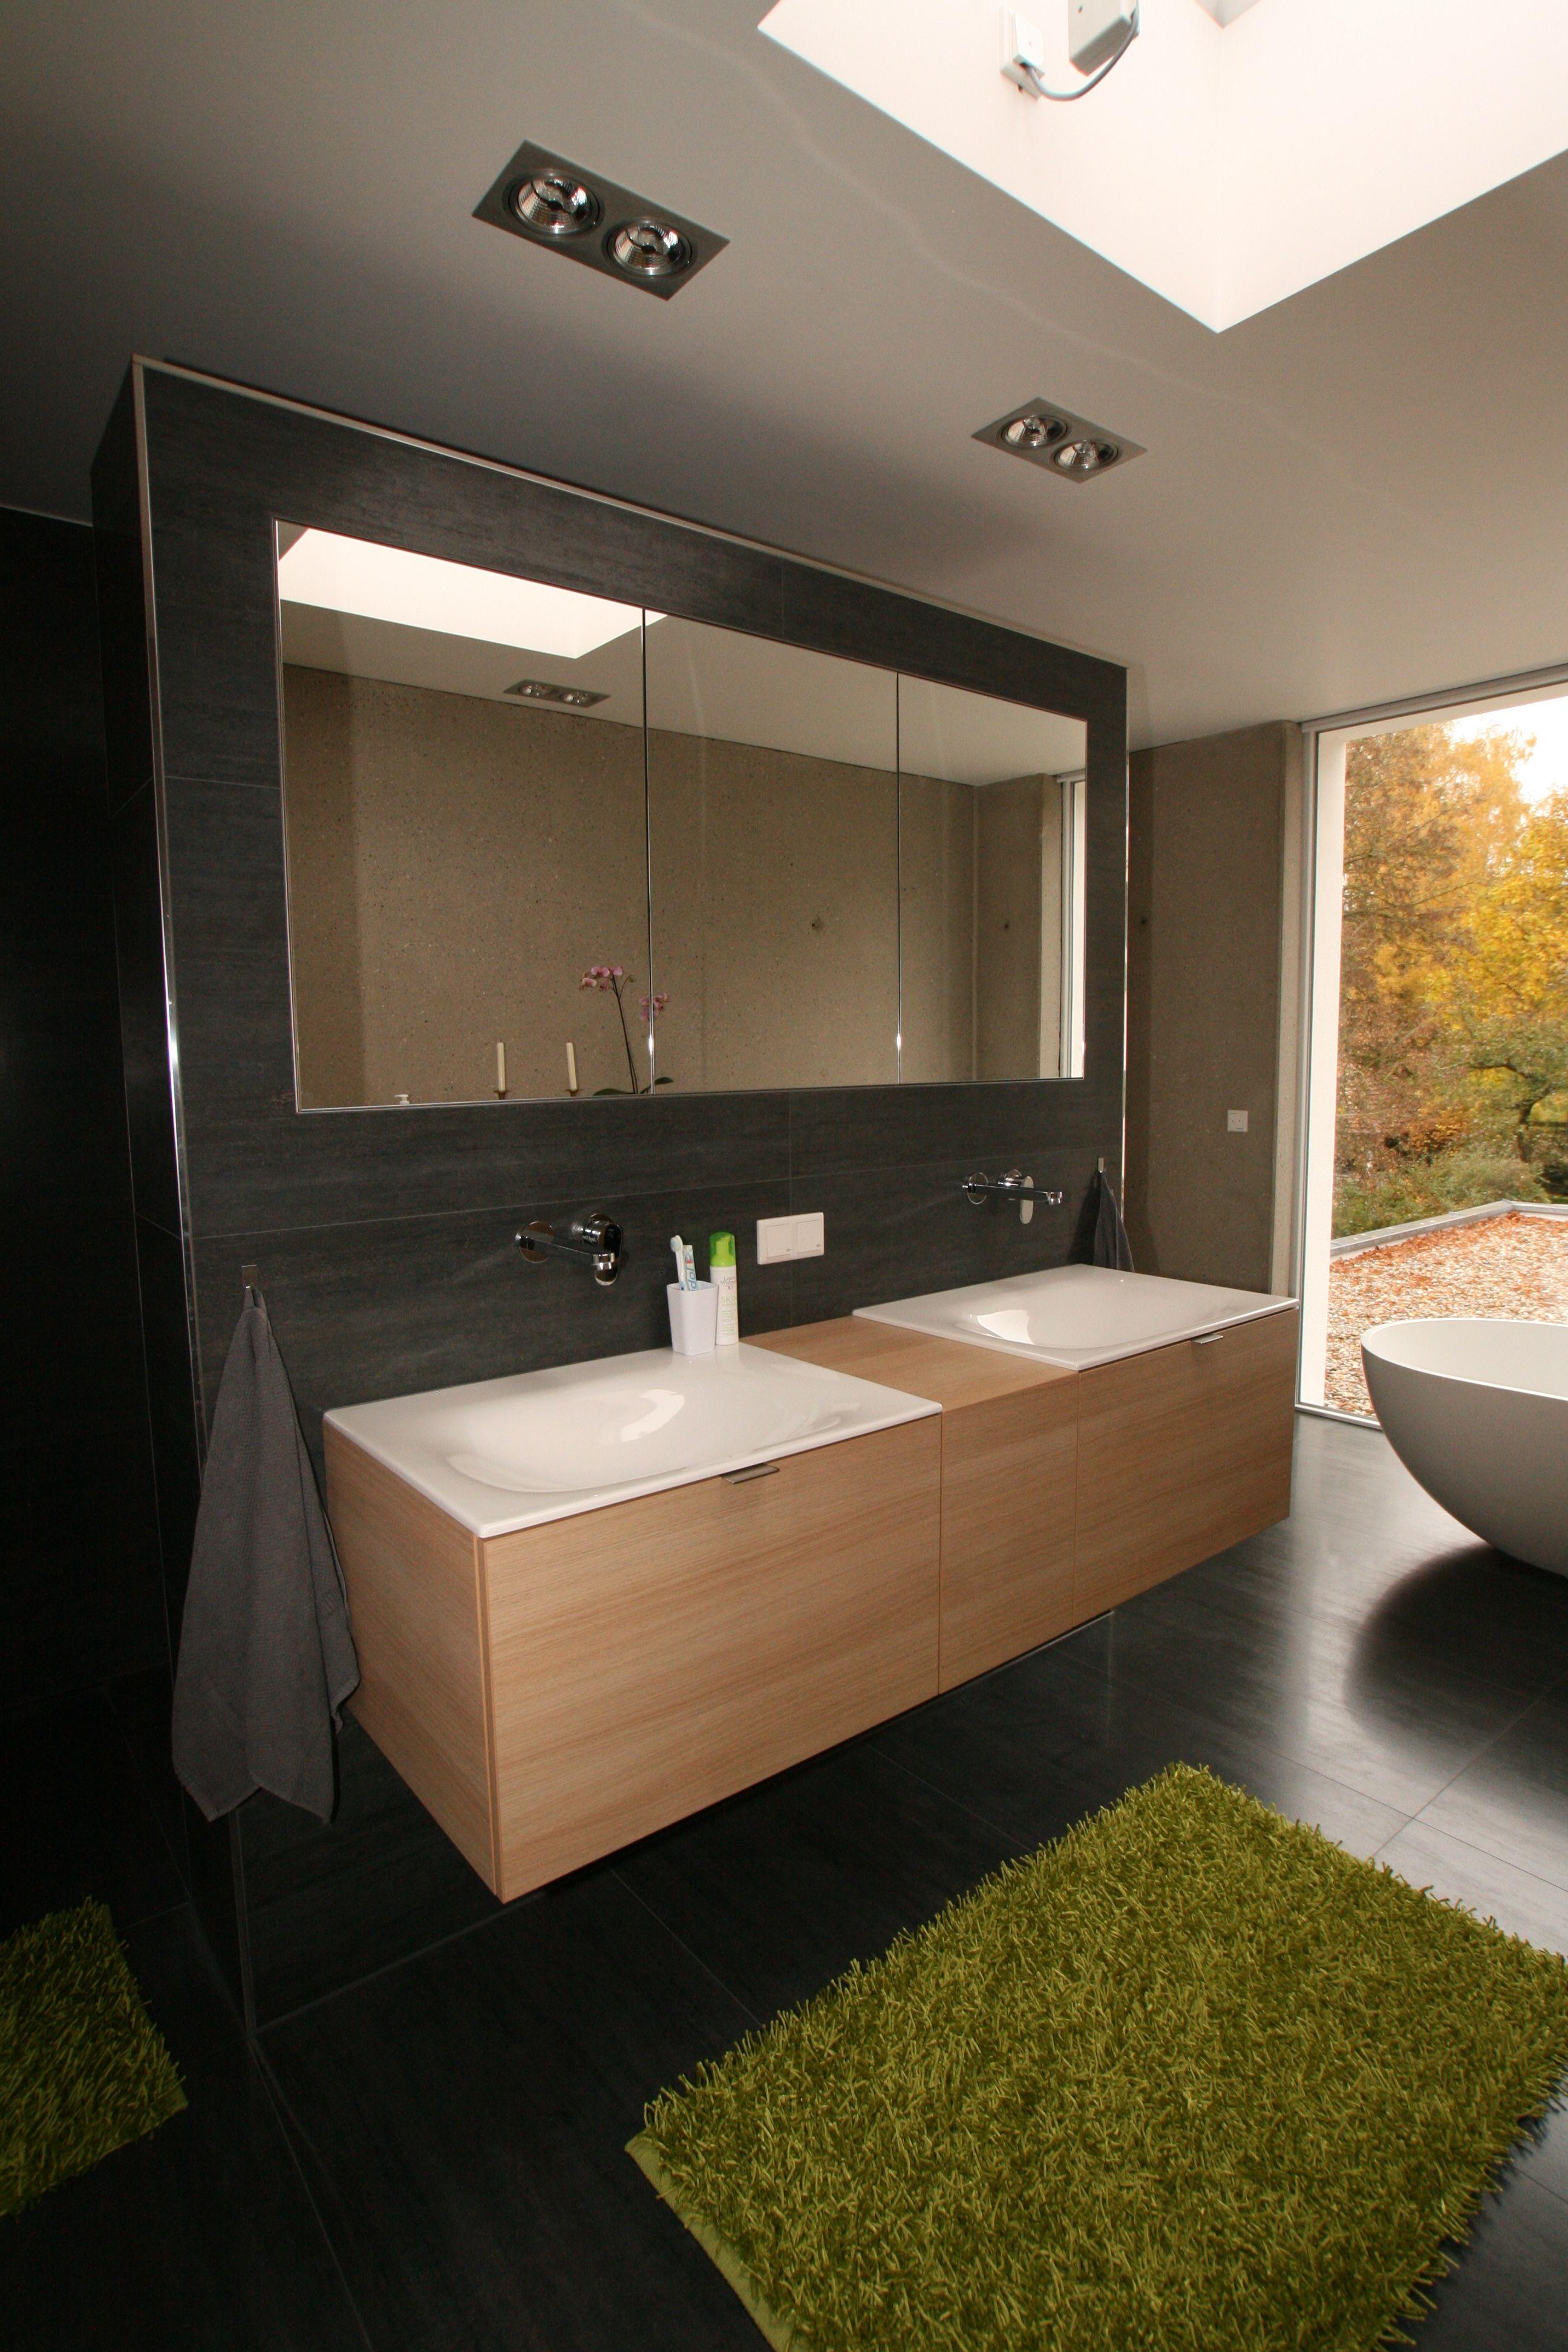 modernes badezimmer, bad einrichtung von schreinerei wiedmann, Hause ideen